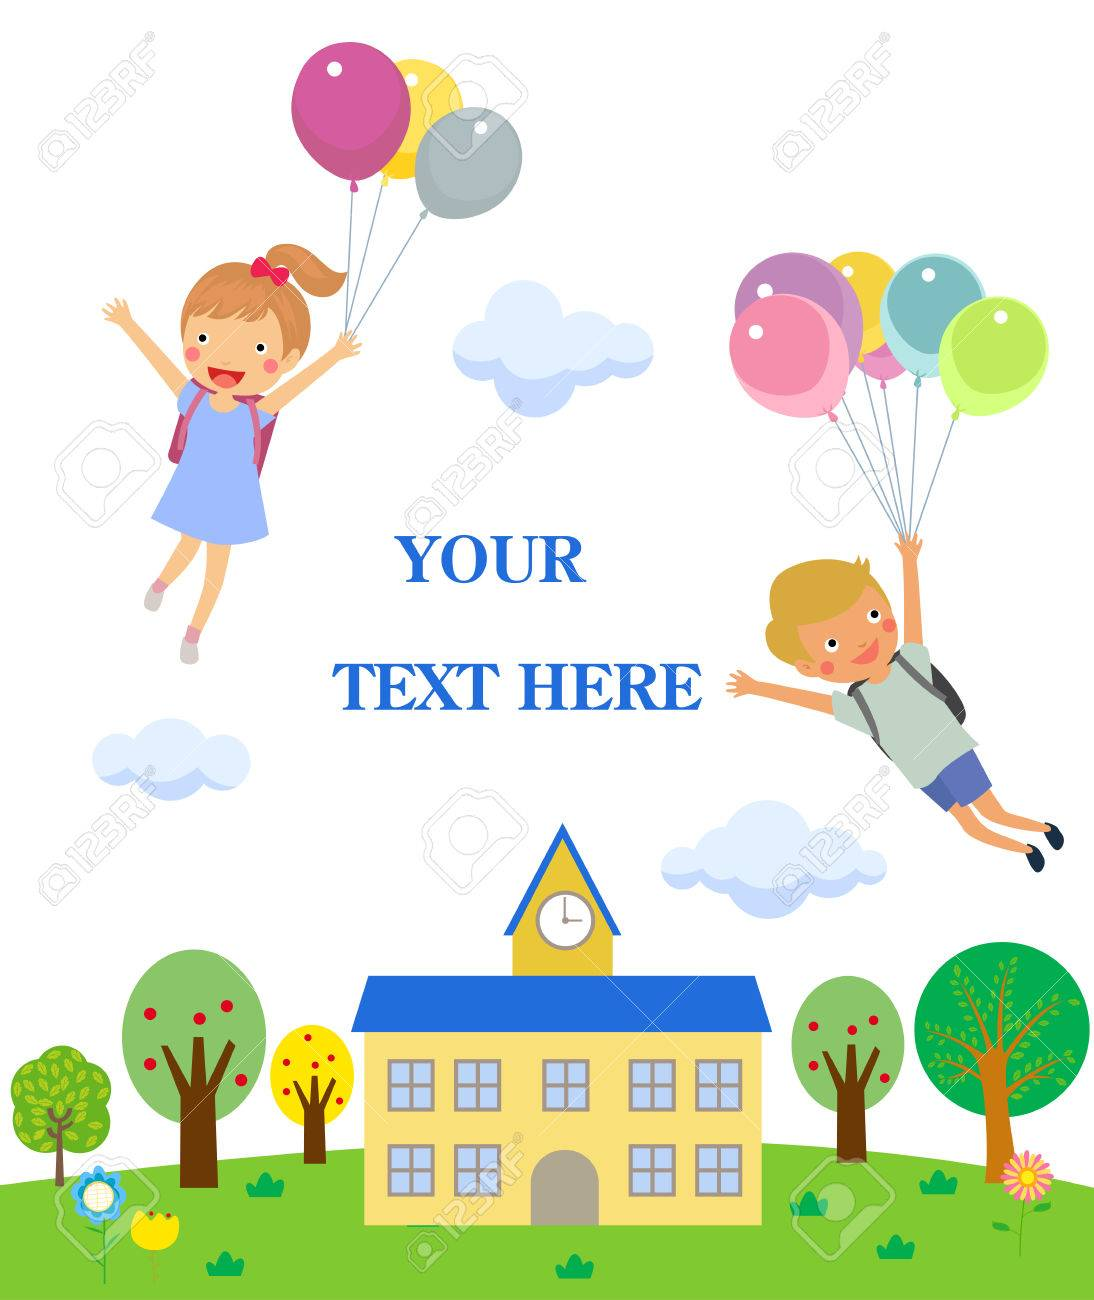 School kids - 61382285